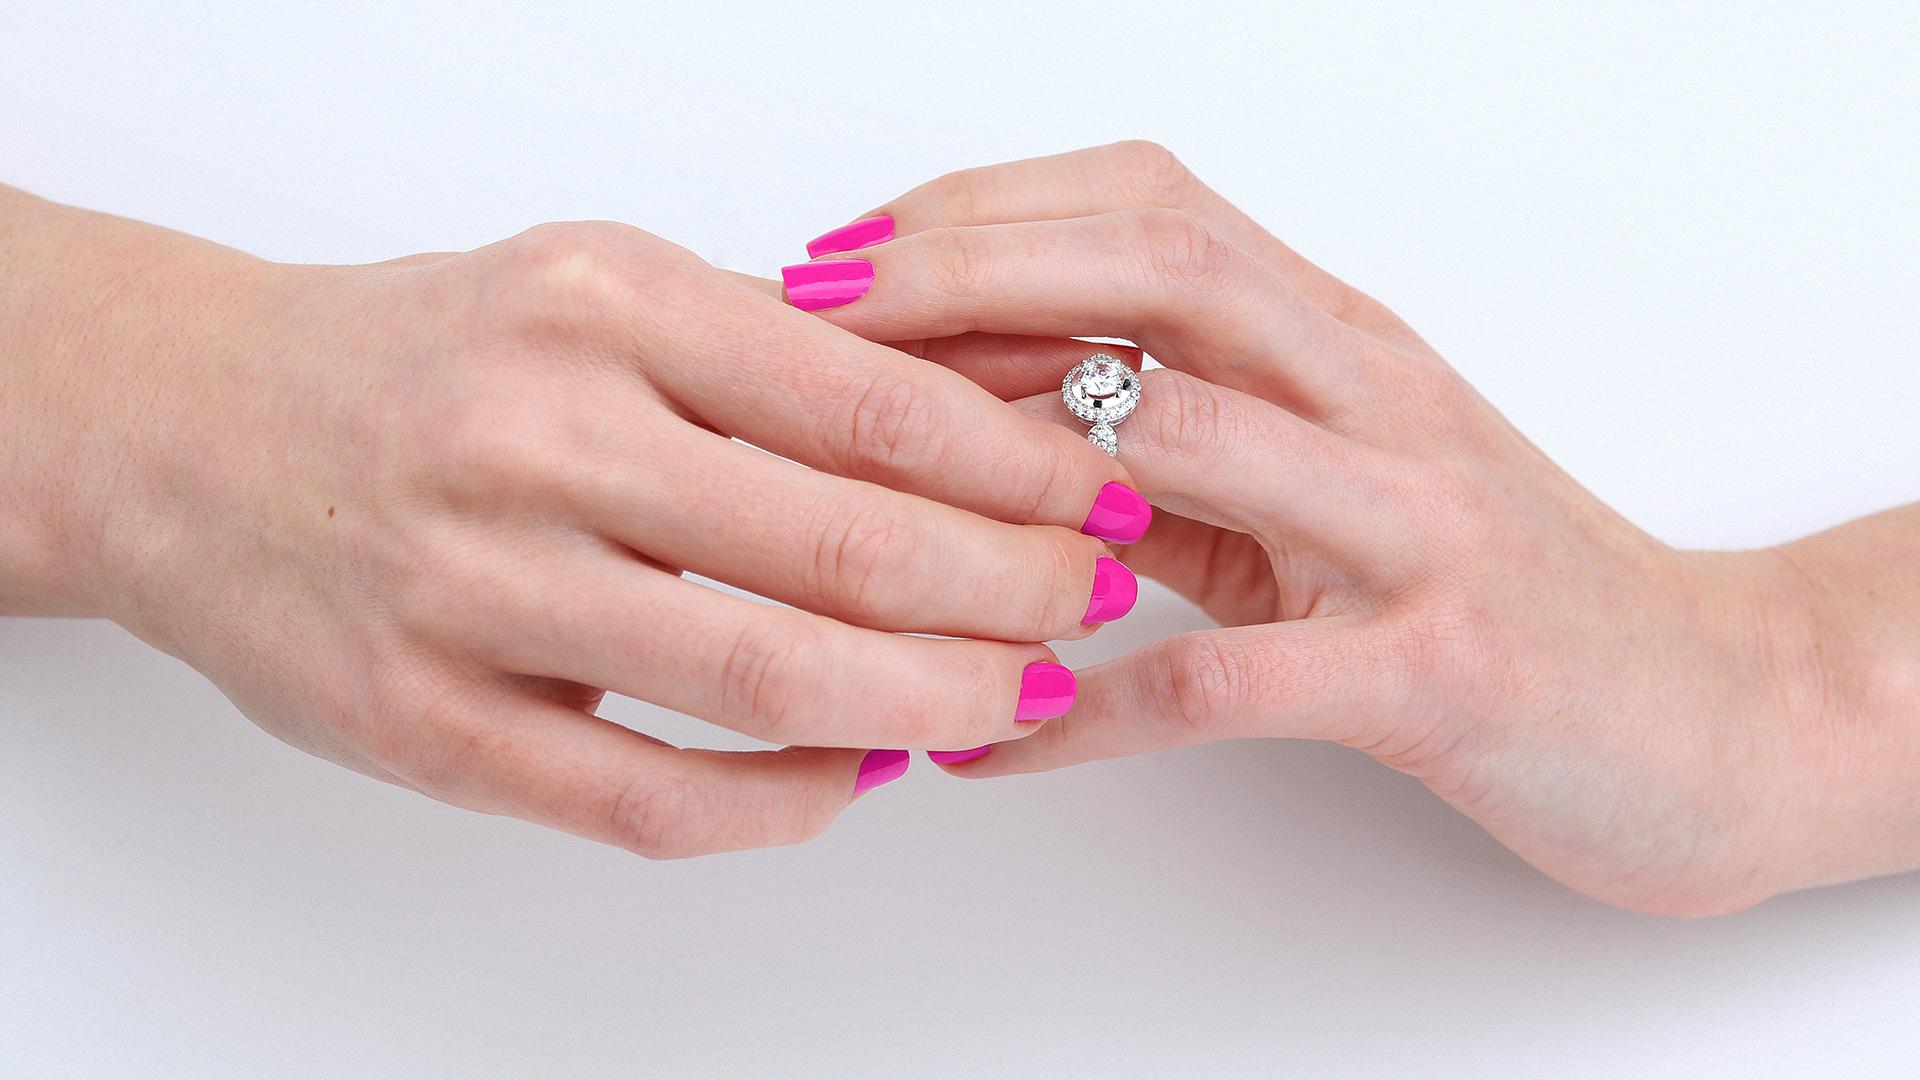 Как узнать размер пальца для кольца